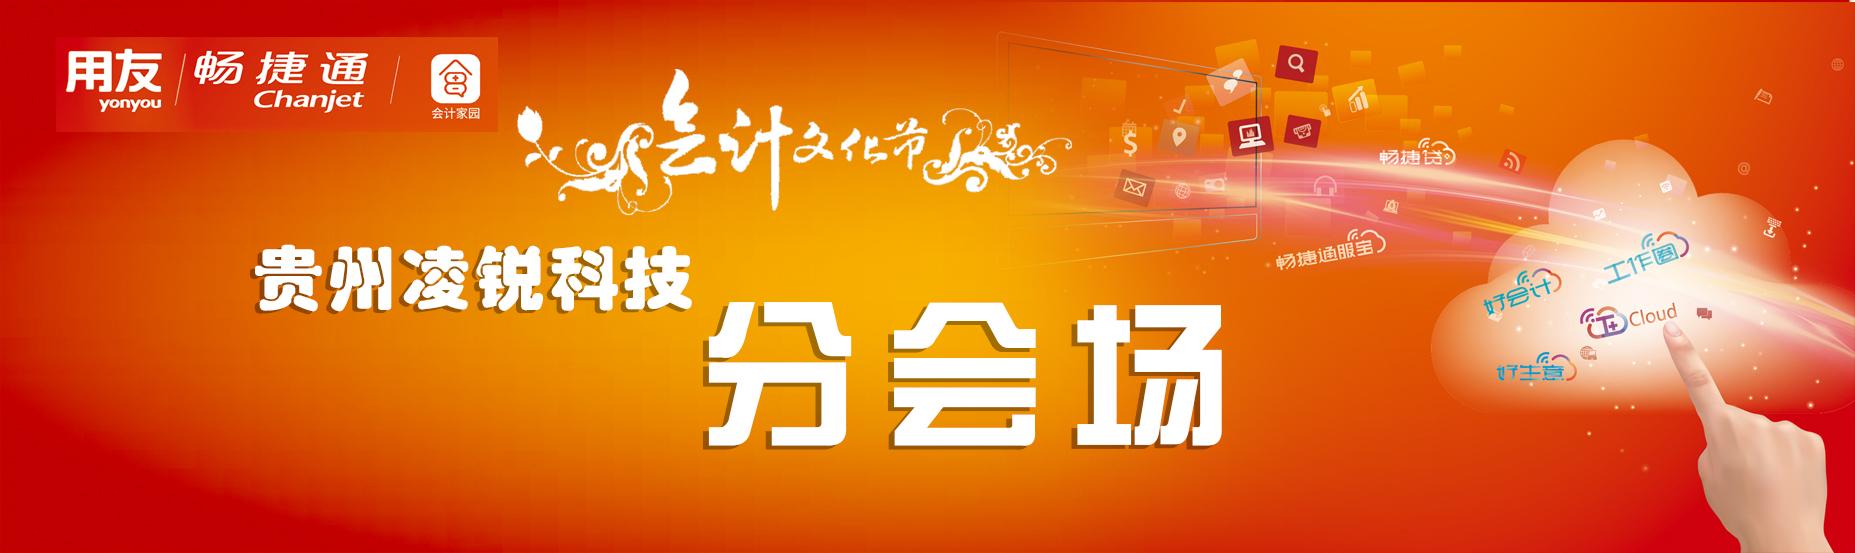 热烈庆祝中华人民共和国成立70周年